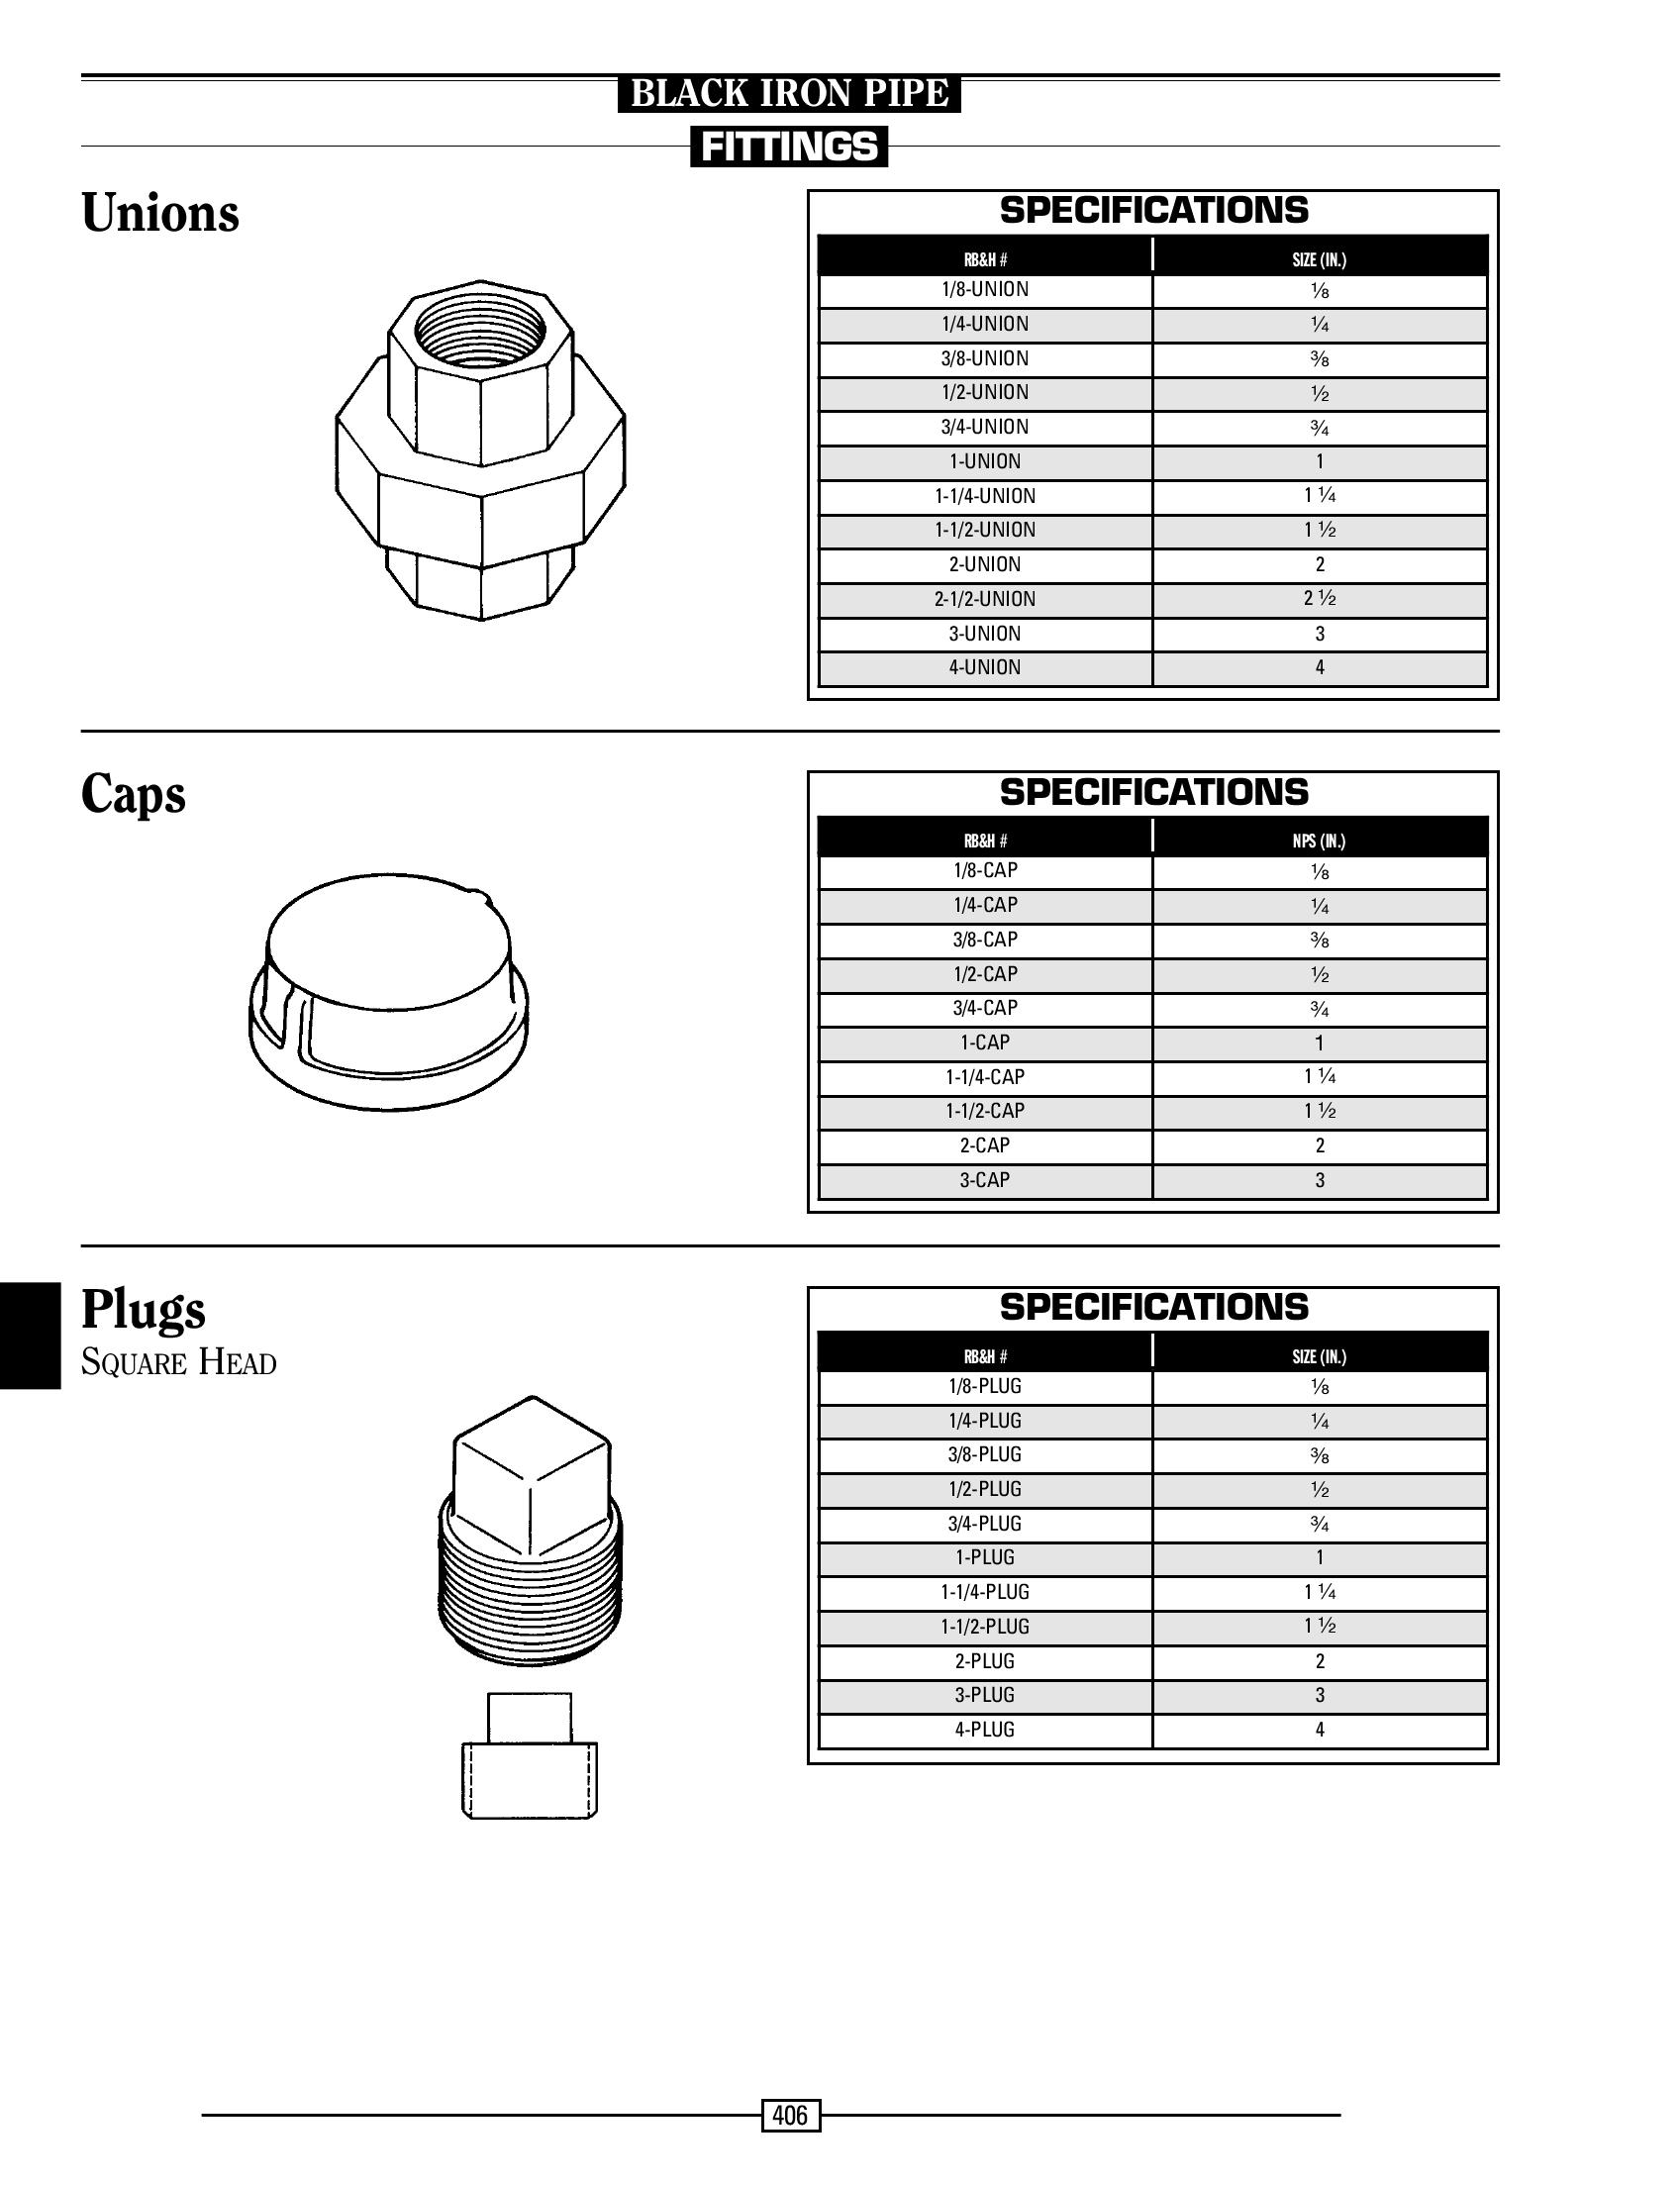 1-1/2 F-PIPE CAP